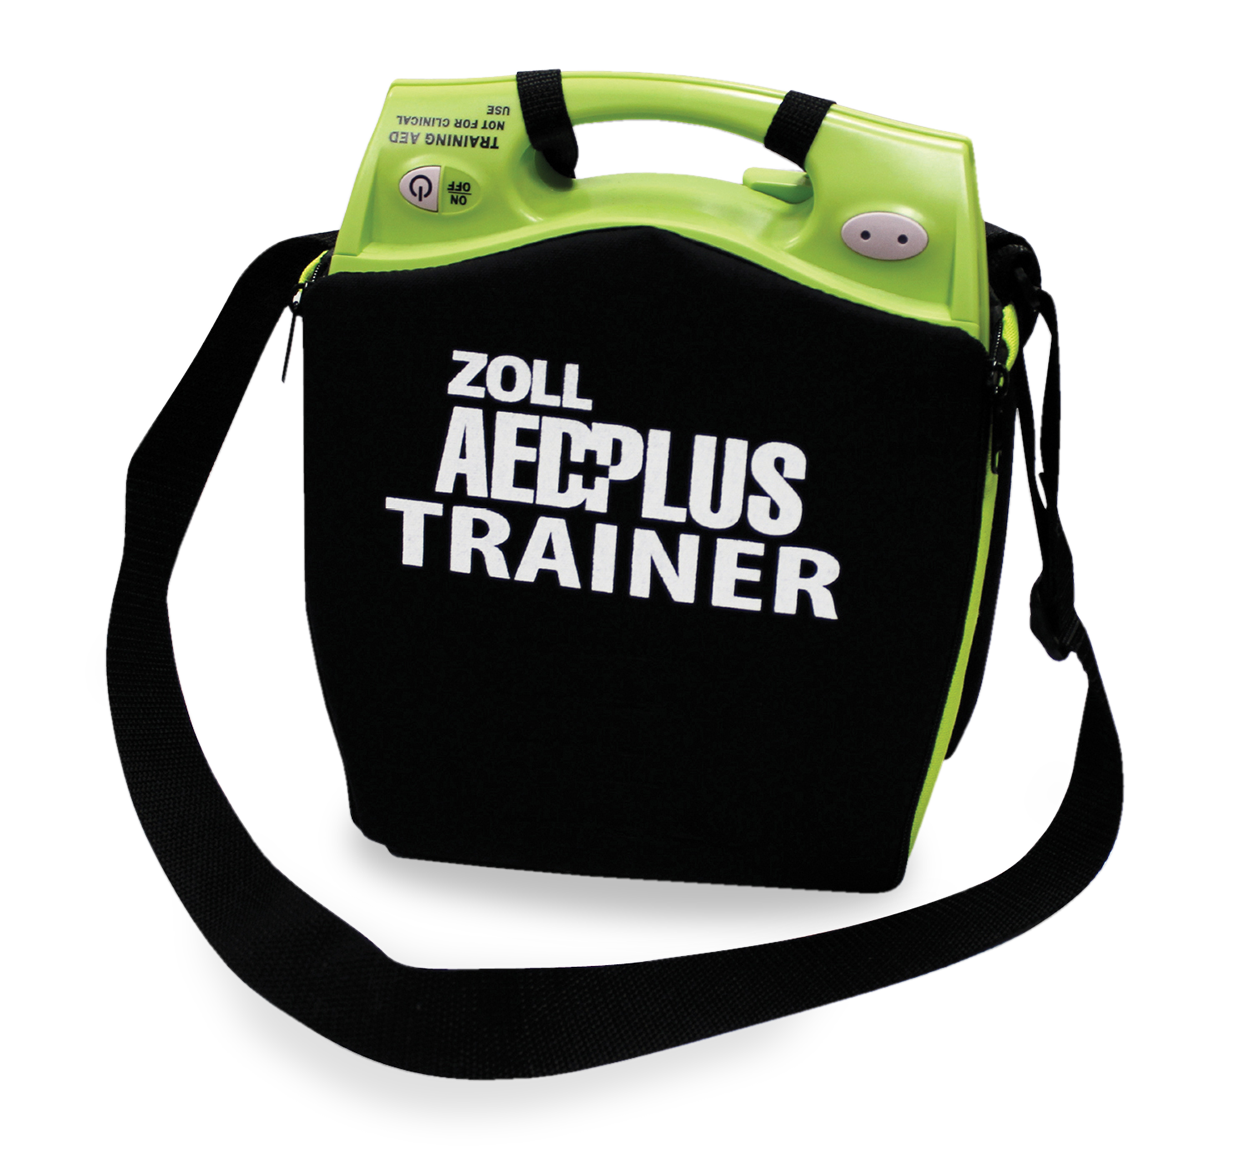 AED Plus Trainer 便携背包